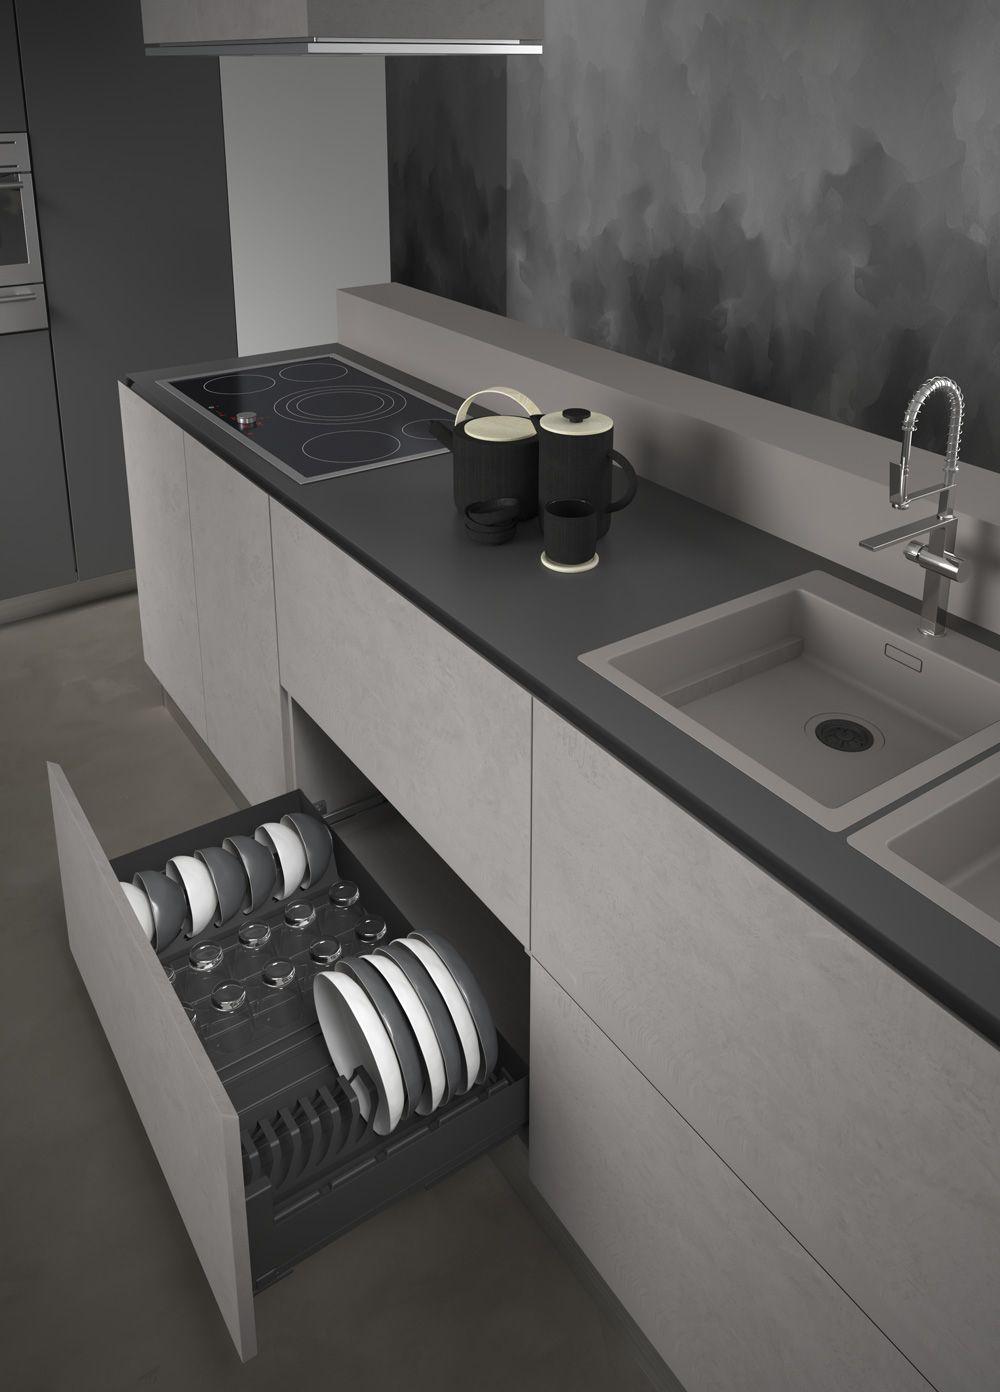 Сушка выдвижная для посуды Scola Pro, с Soft-Close для шкафа шириной 900 мм 864х500х110, grey orion